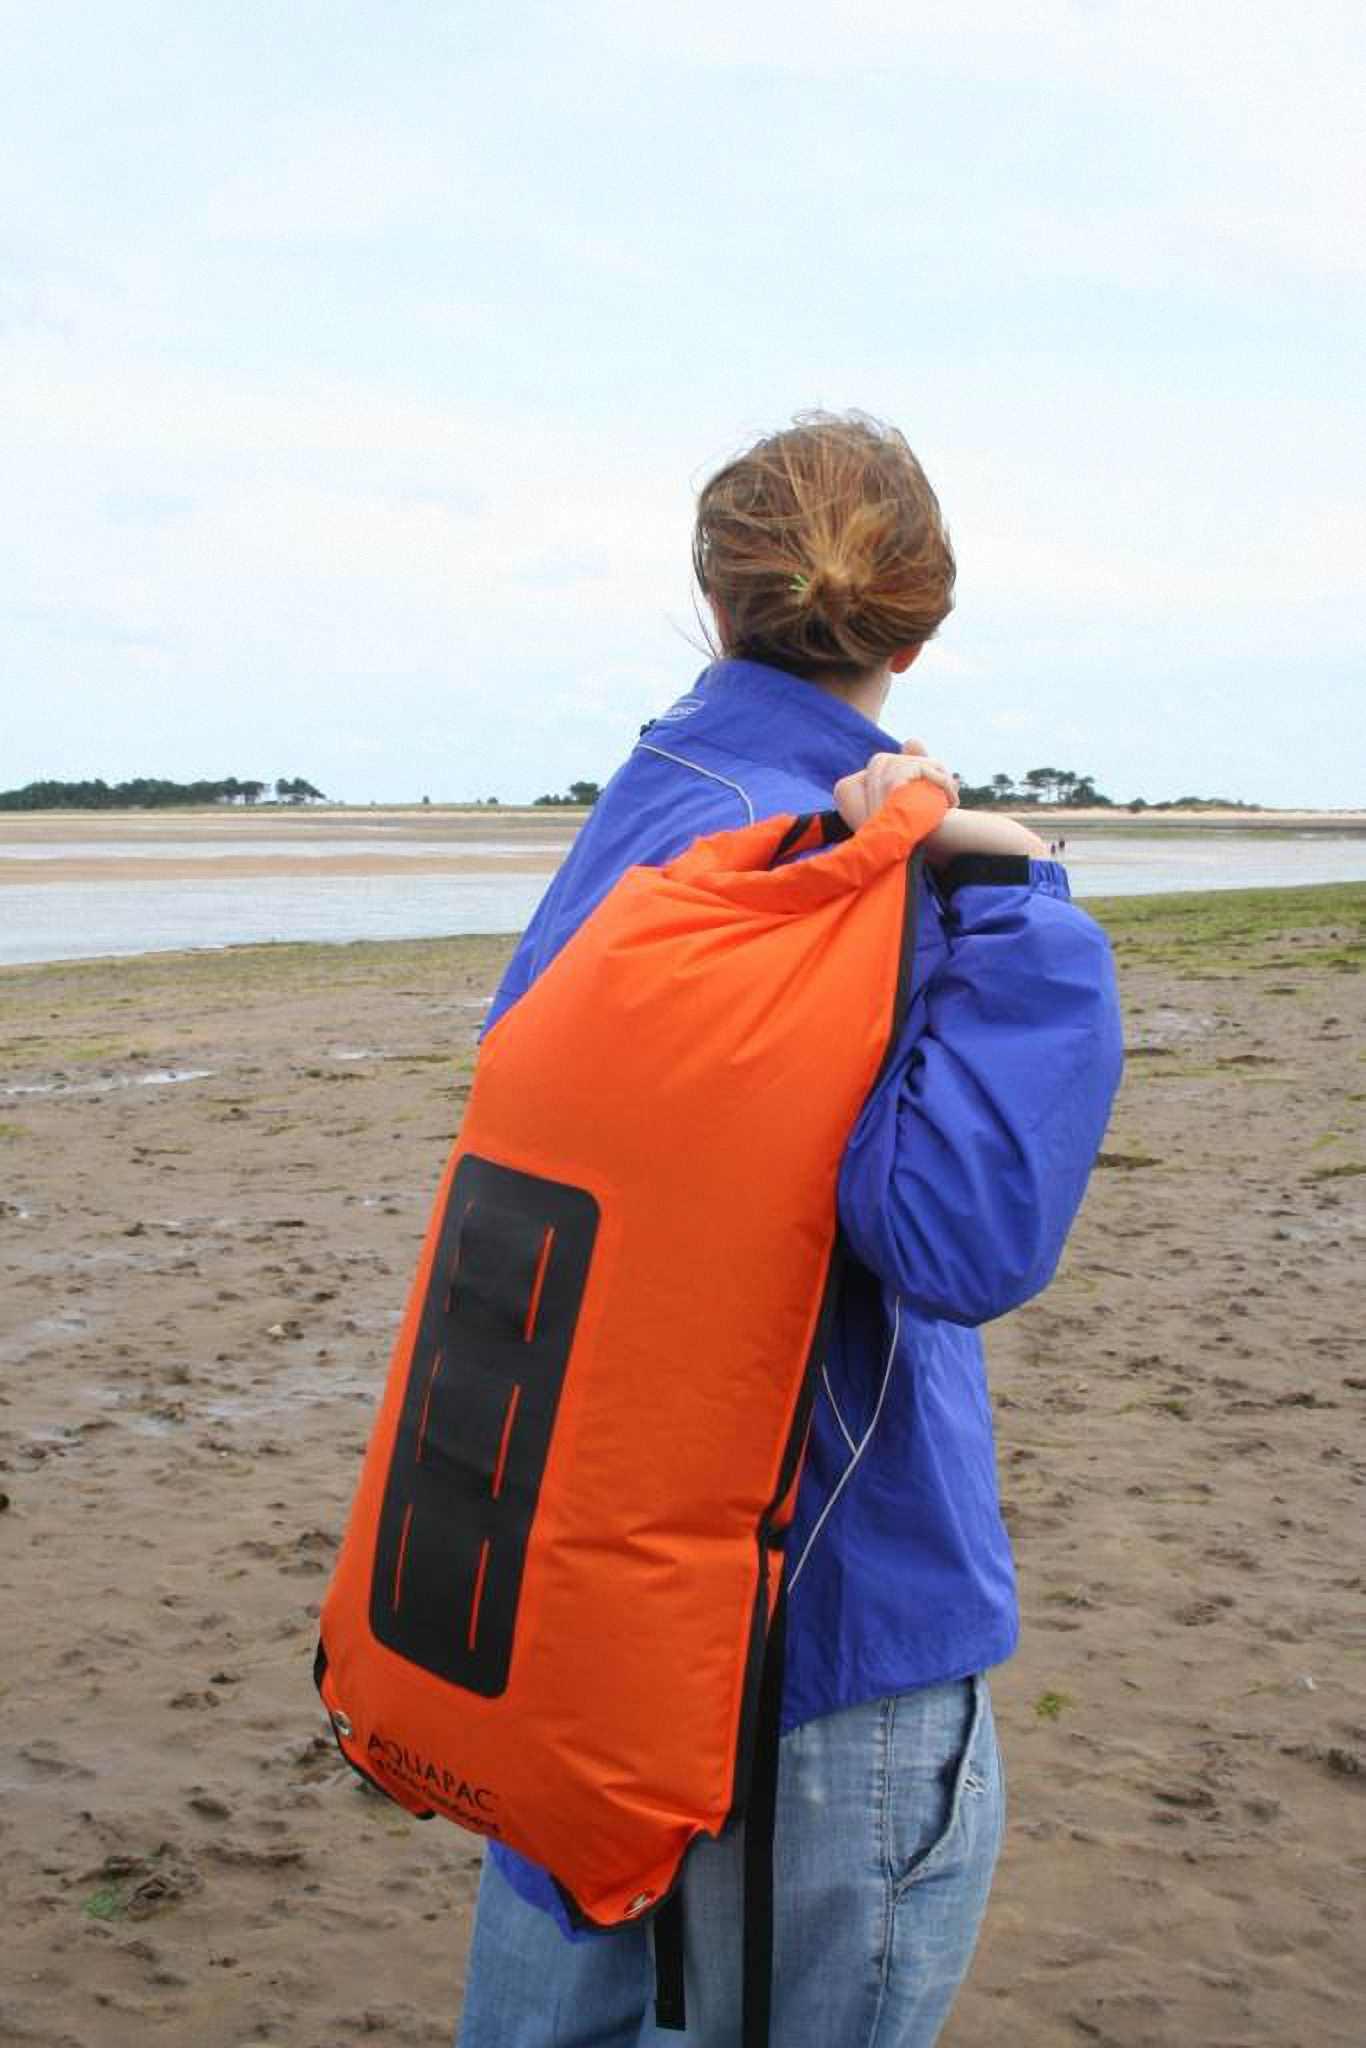 Водонепроницаемый  гермомешок-рюкзак (с двумя плечевыми ремнями) Aquapac 761 - Noatak Wet & Drybag - 15L.. Aquapac - №1 в мире водонепроницаемых чехлов и сумок. Фото 5